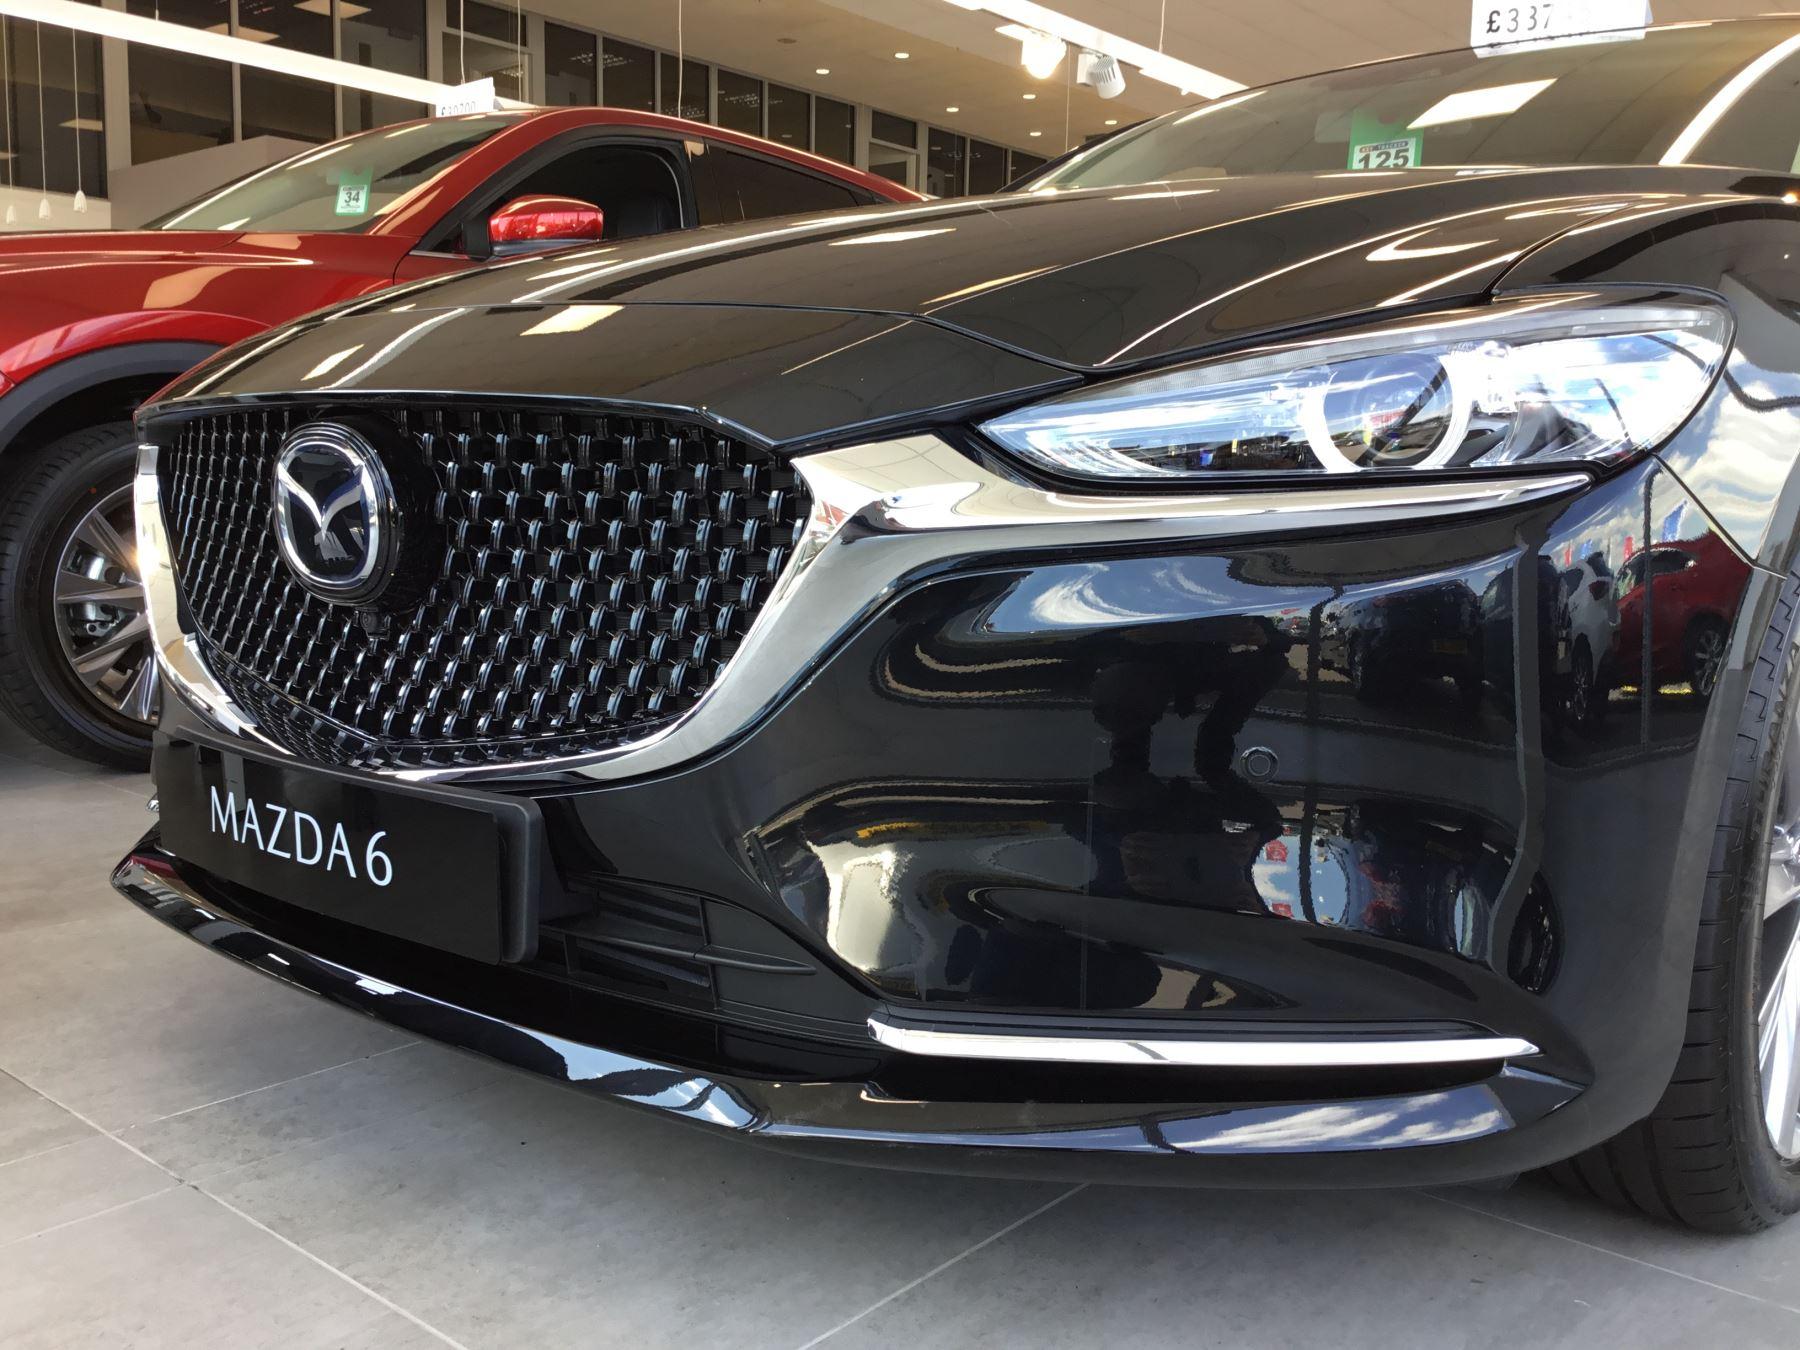 Mazda 6 2.2d [184] Sport Nav+ 5dr WITH MAZDA SAFETY PACK image 3